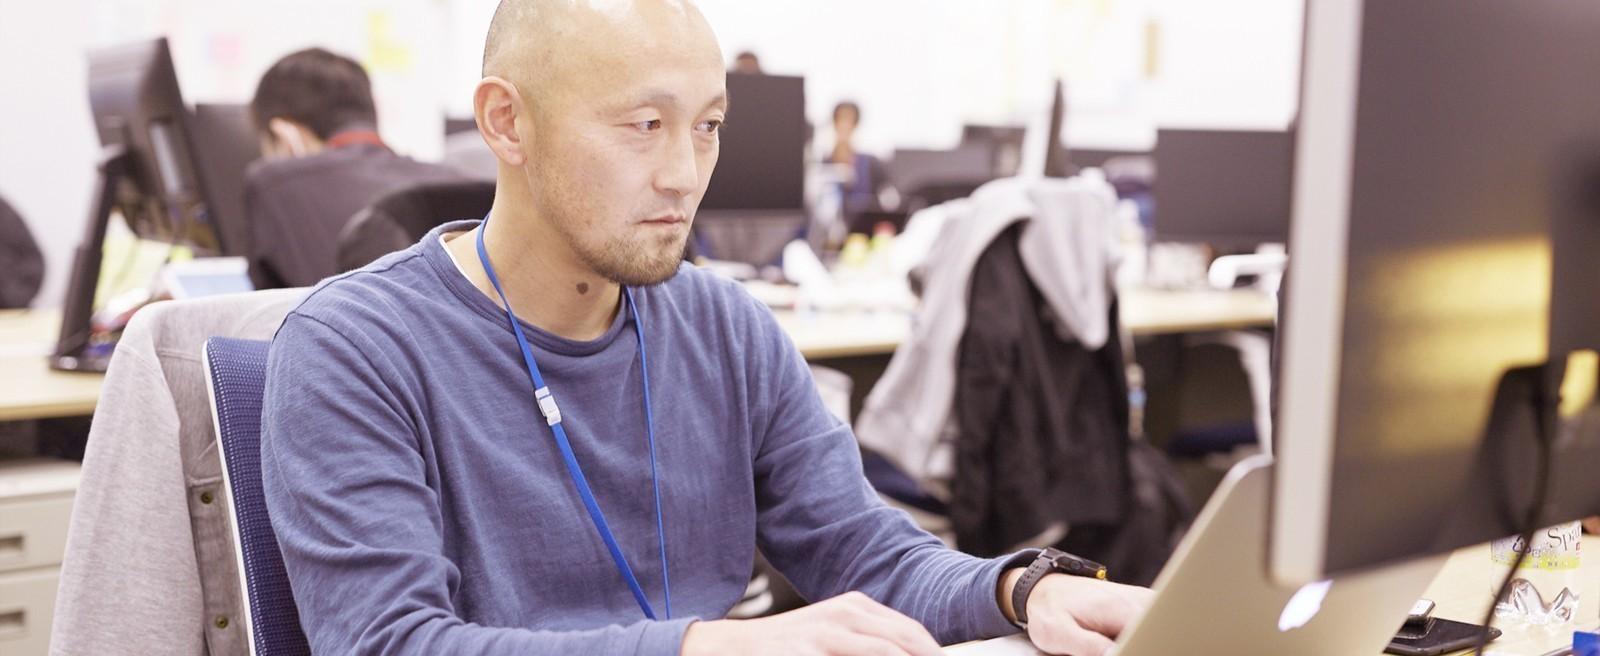 【Java】KDDIグループ・黎明期の巨大ECプラットフォームをさらにスケールをさせるAndroidアプリエンジニア